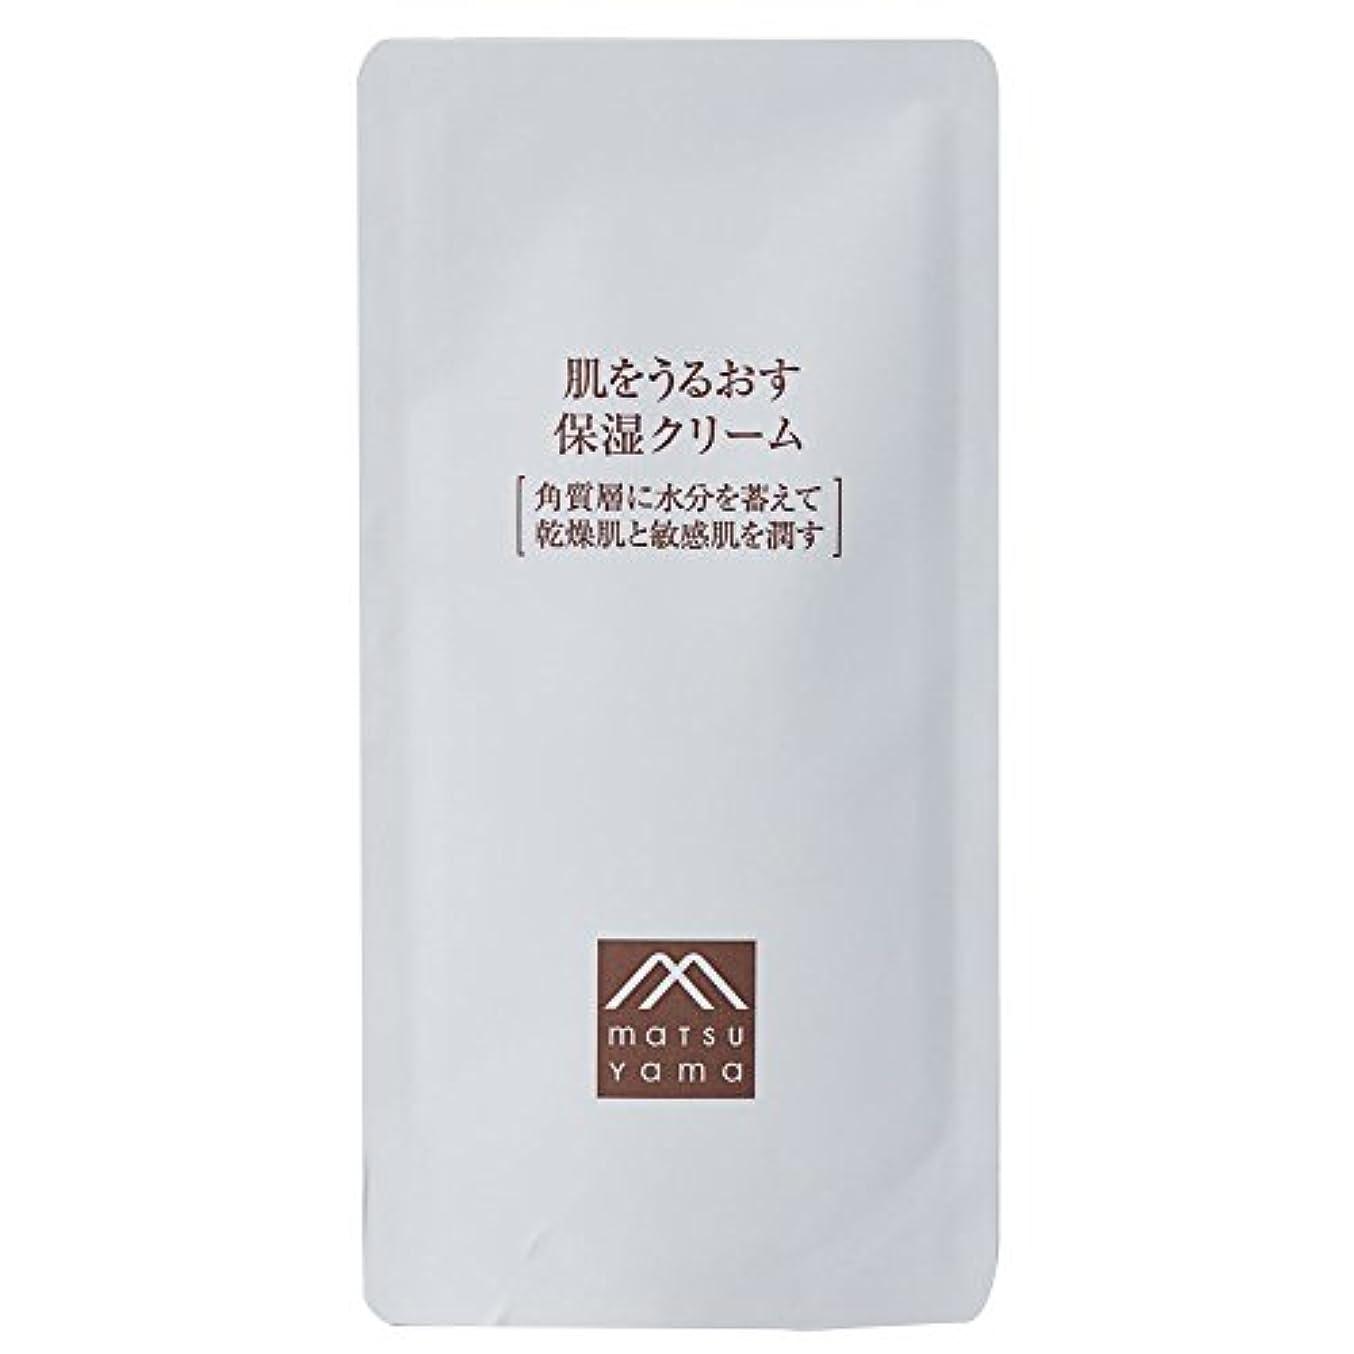 シード動ボタン肌をうるおす保湿クリーム 詰替用(クリーム) 濃厚クリーム [乾燥肌 敏感肌]